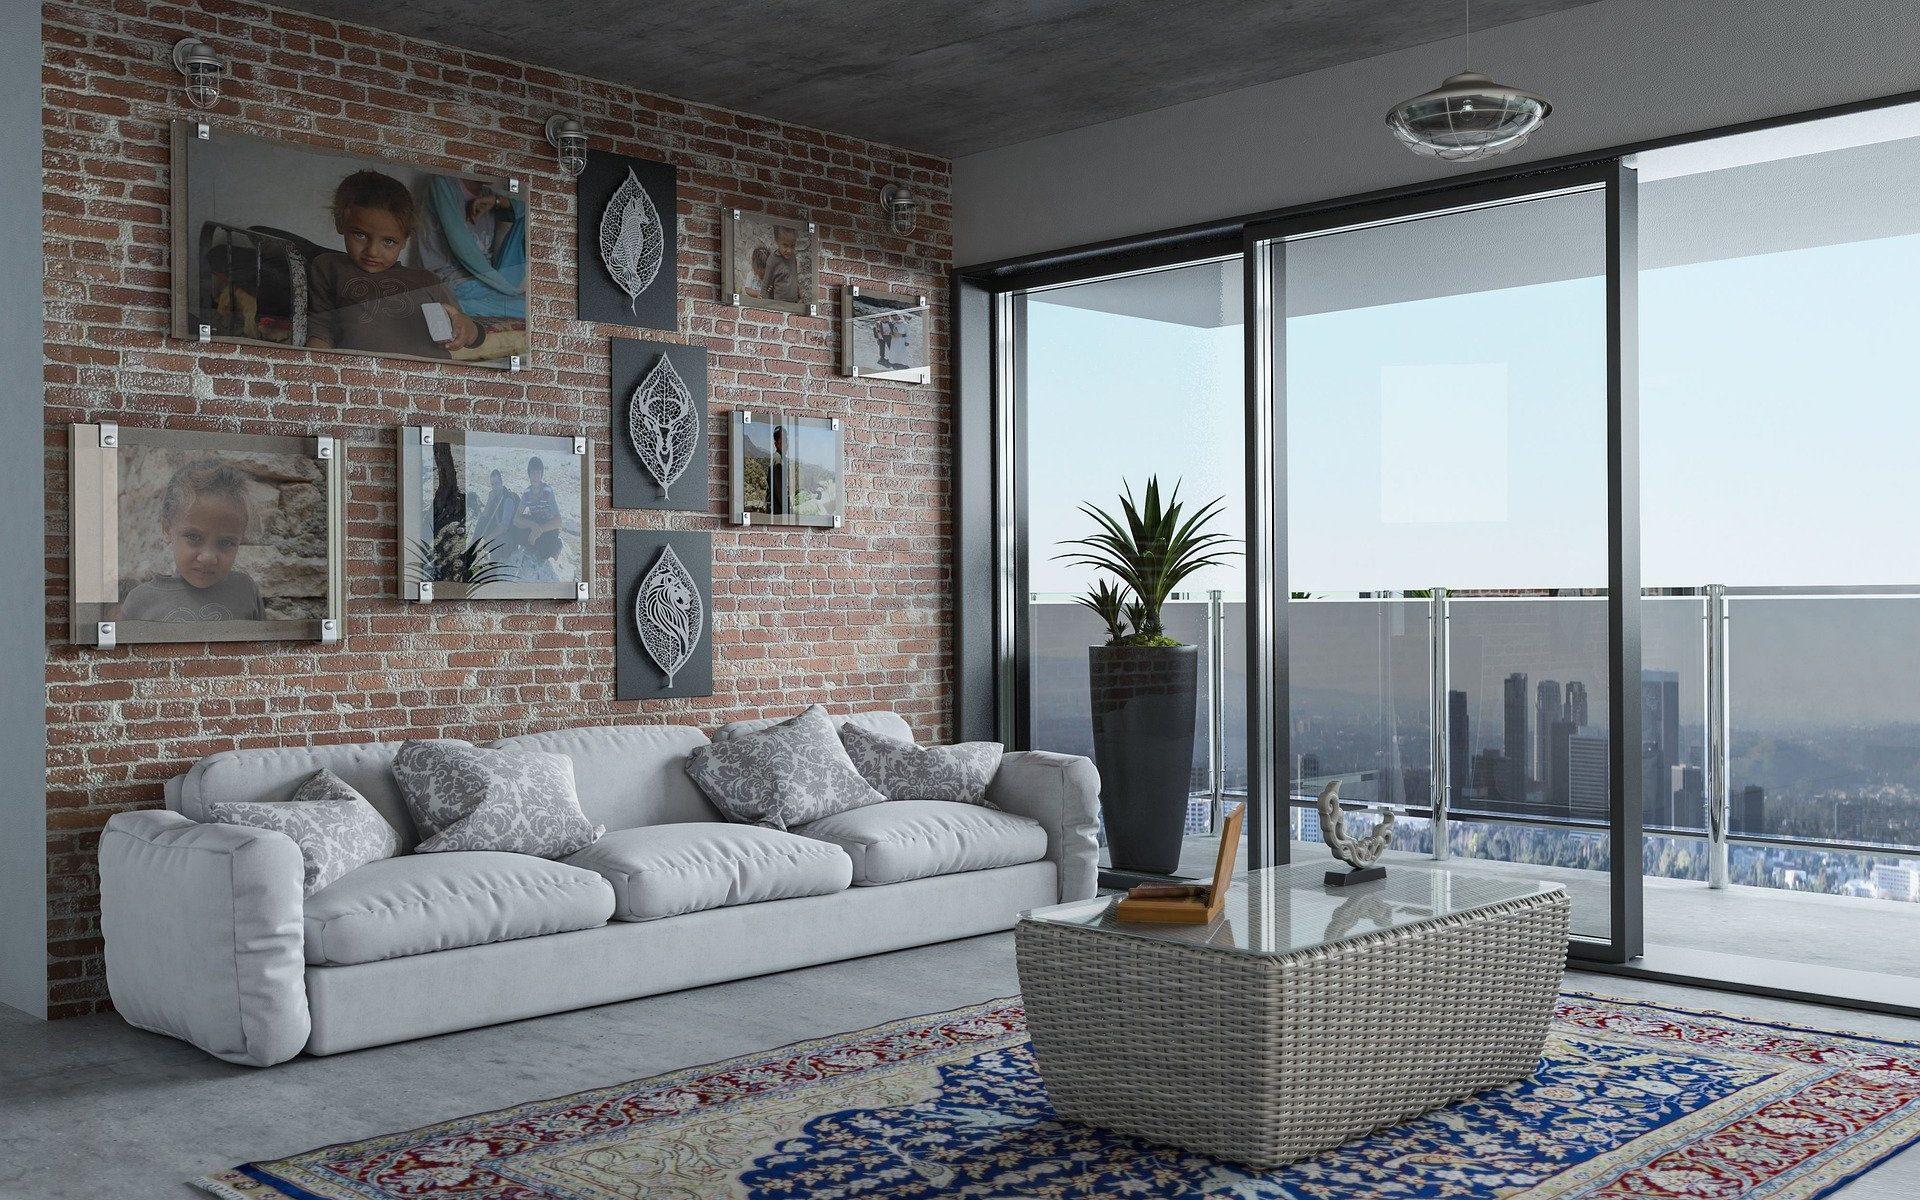 Wohnung / Pixabay